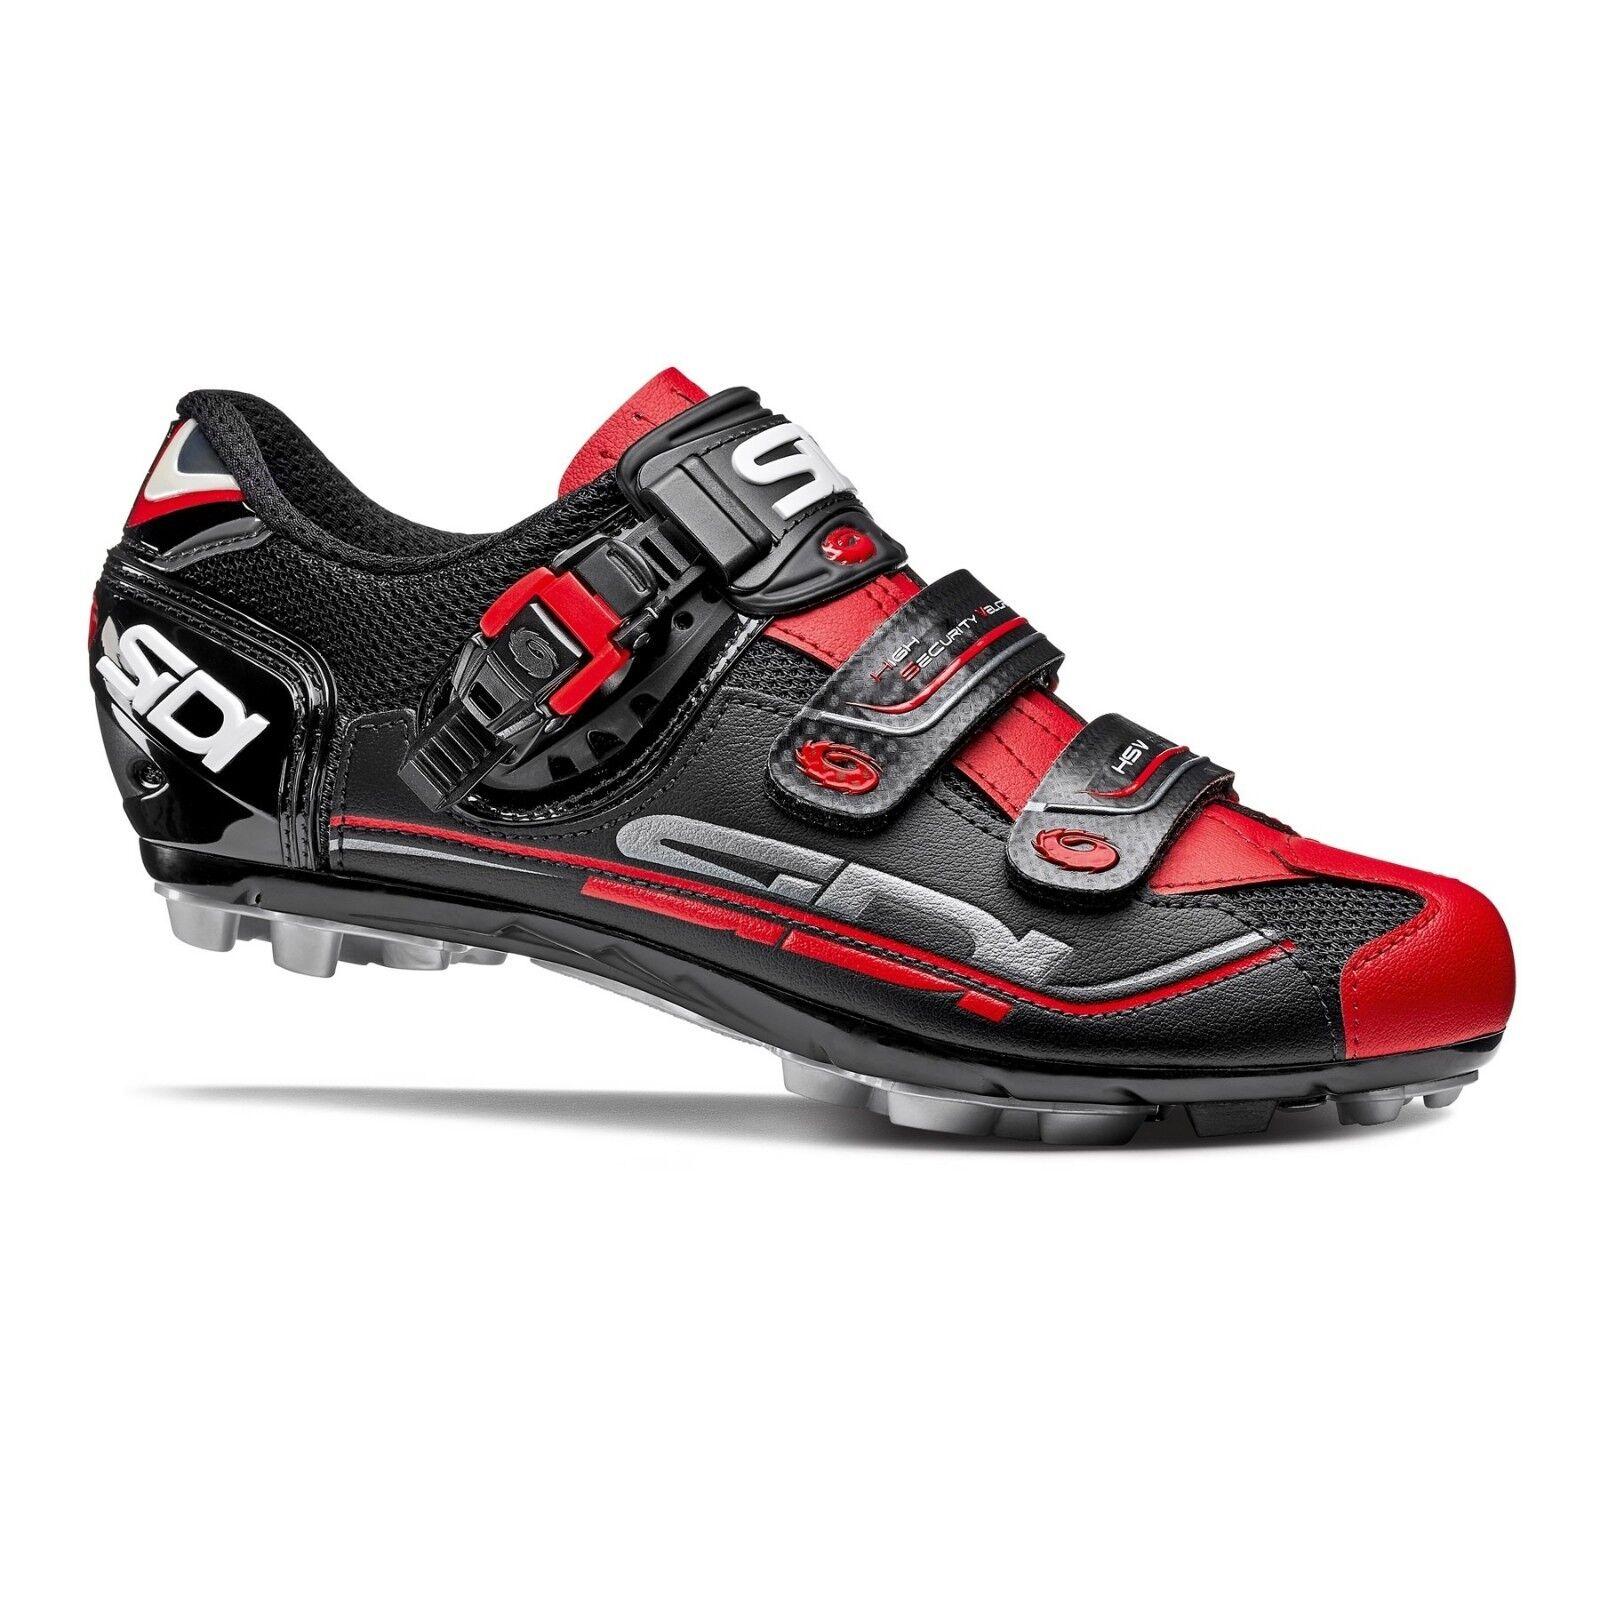 SIDI Eagle 7 Ajuste Calzado para Ciclismo Bicicleta de Montaña Bici Zapatos Negro Negro Rojo Talla 36-46 EUR